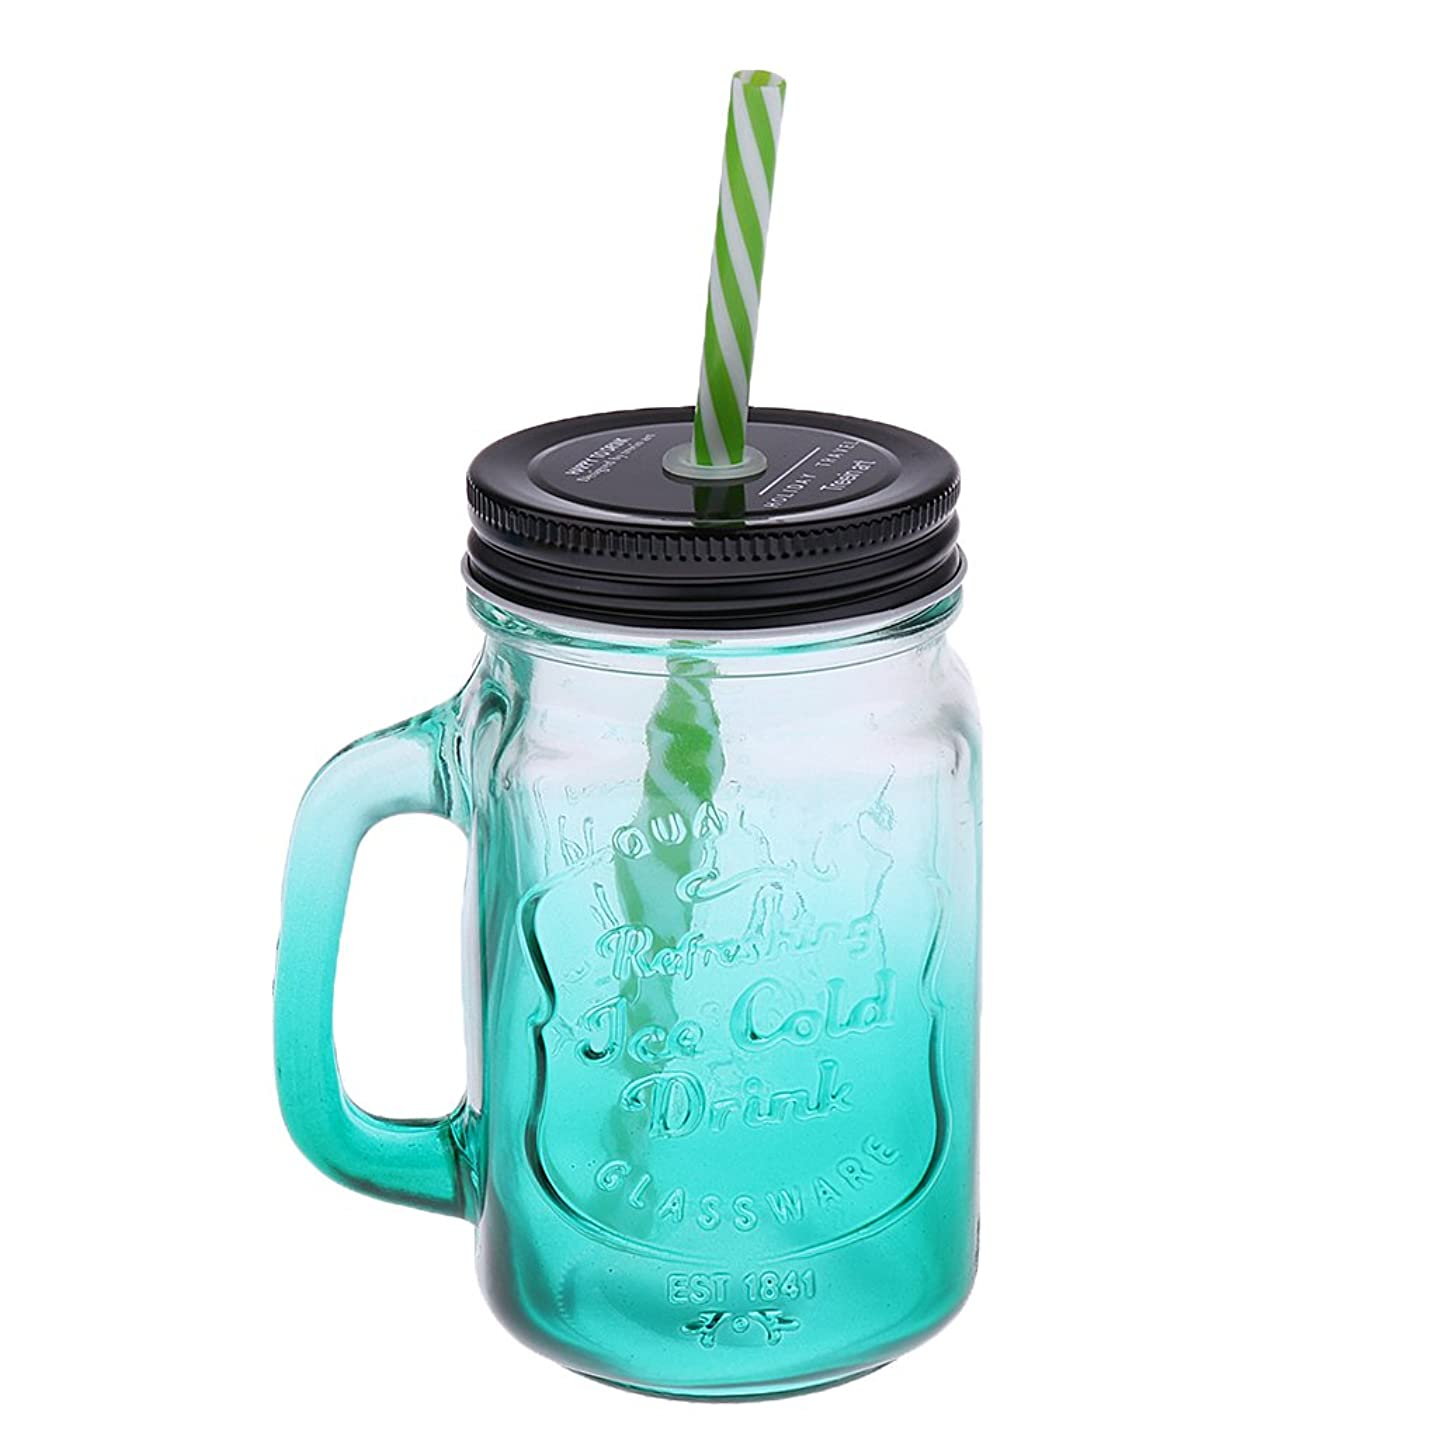 マーベル政治家の別れるSONONIA 高品質ガラス ジャー ドリンク カクテル ストロー付き 480ml 全5色 ビンテージ - 緑